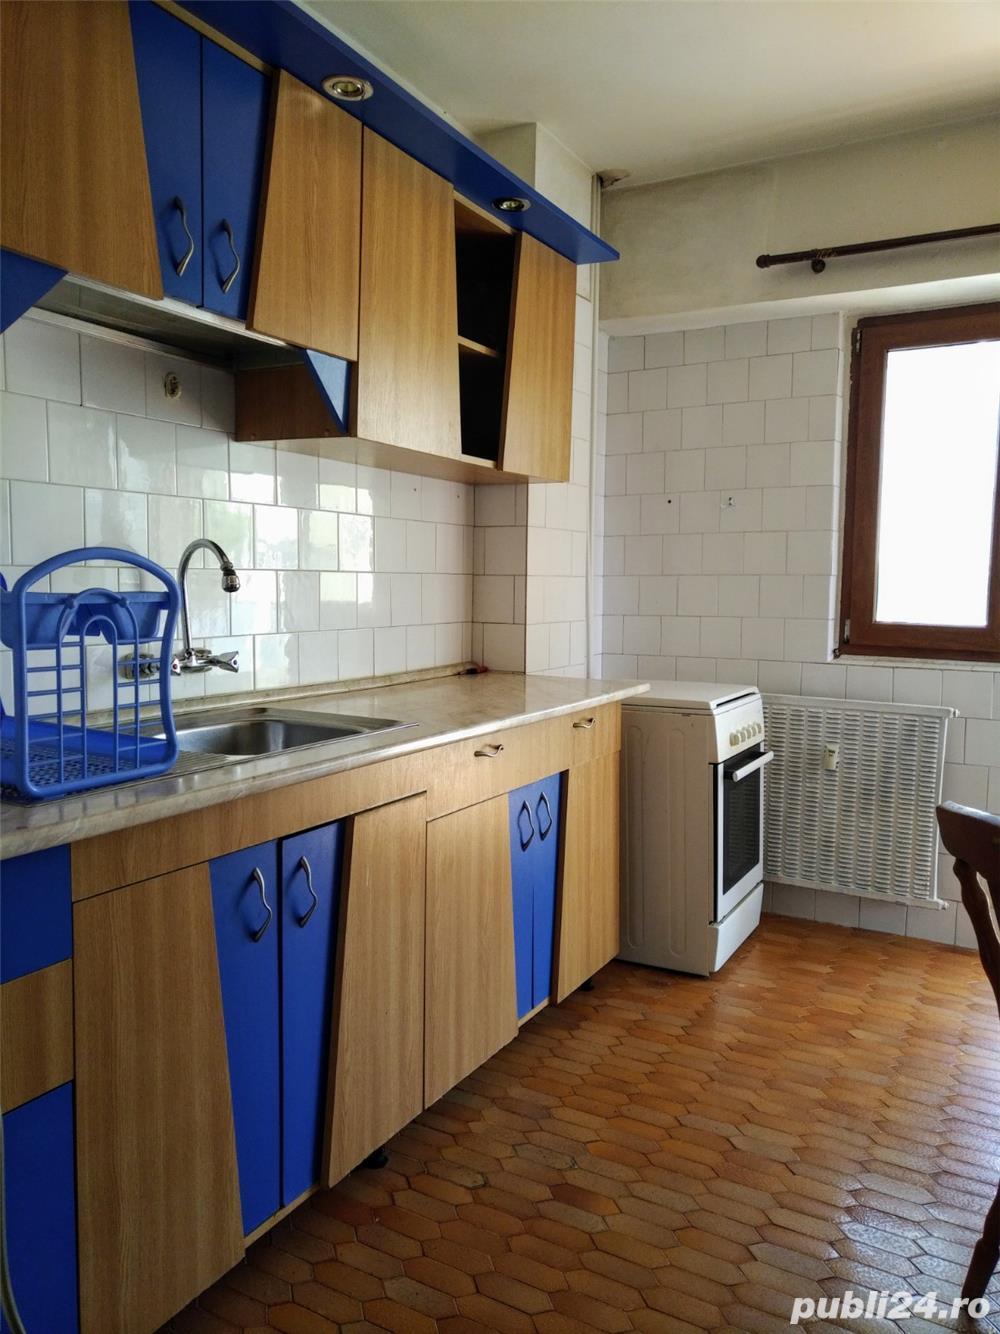 Apartament 2 camere 1984, Lujerului, Gorjului, Veteranilor, 5 minute metrou